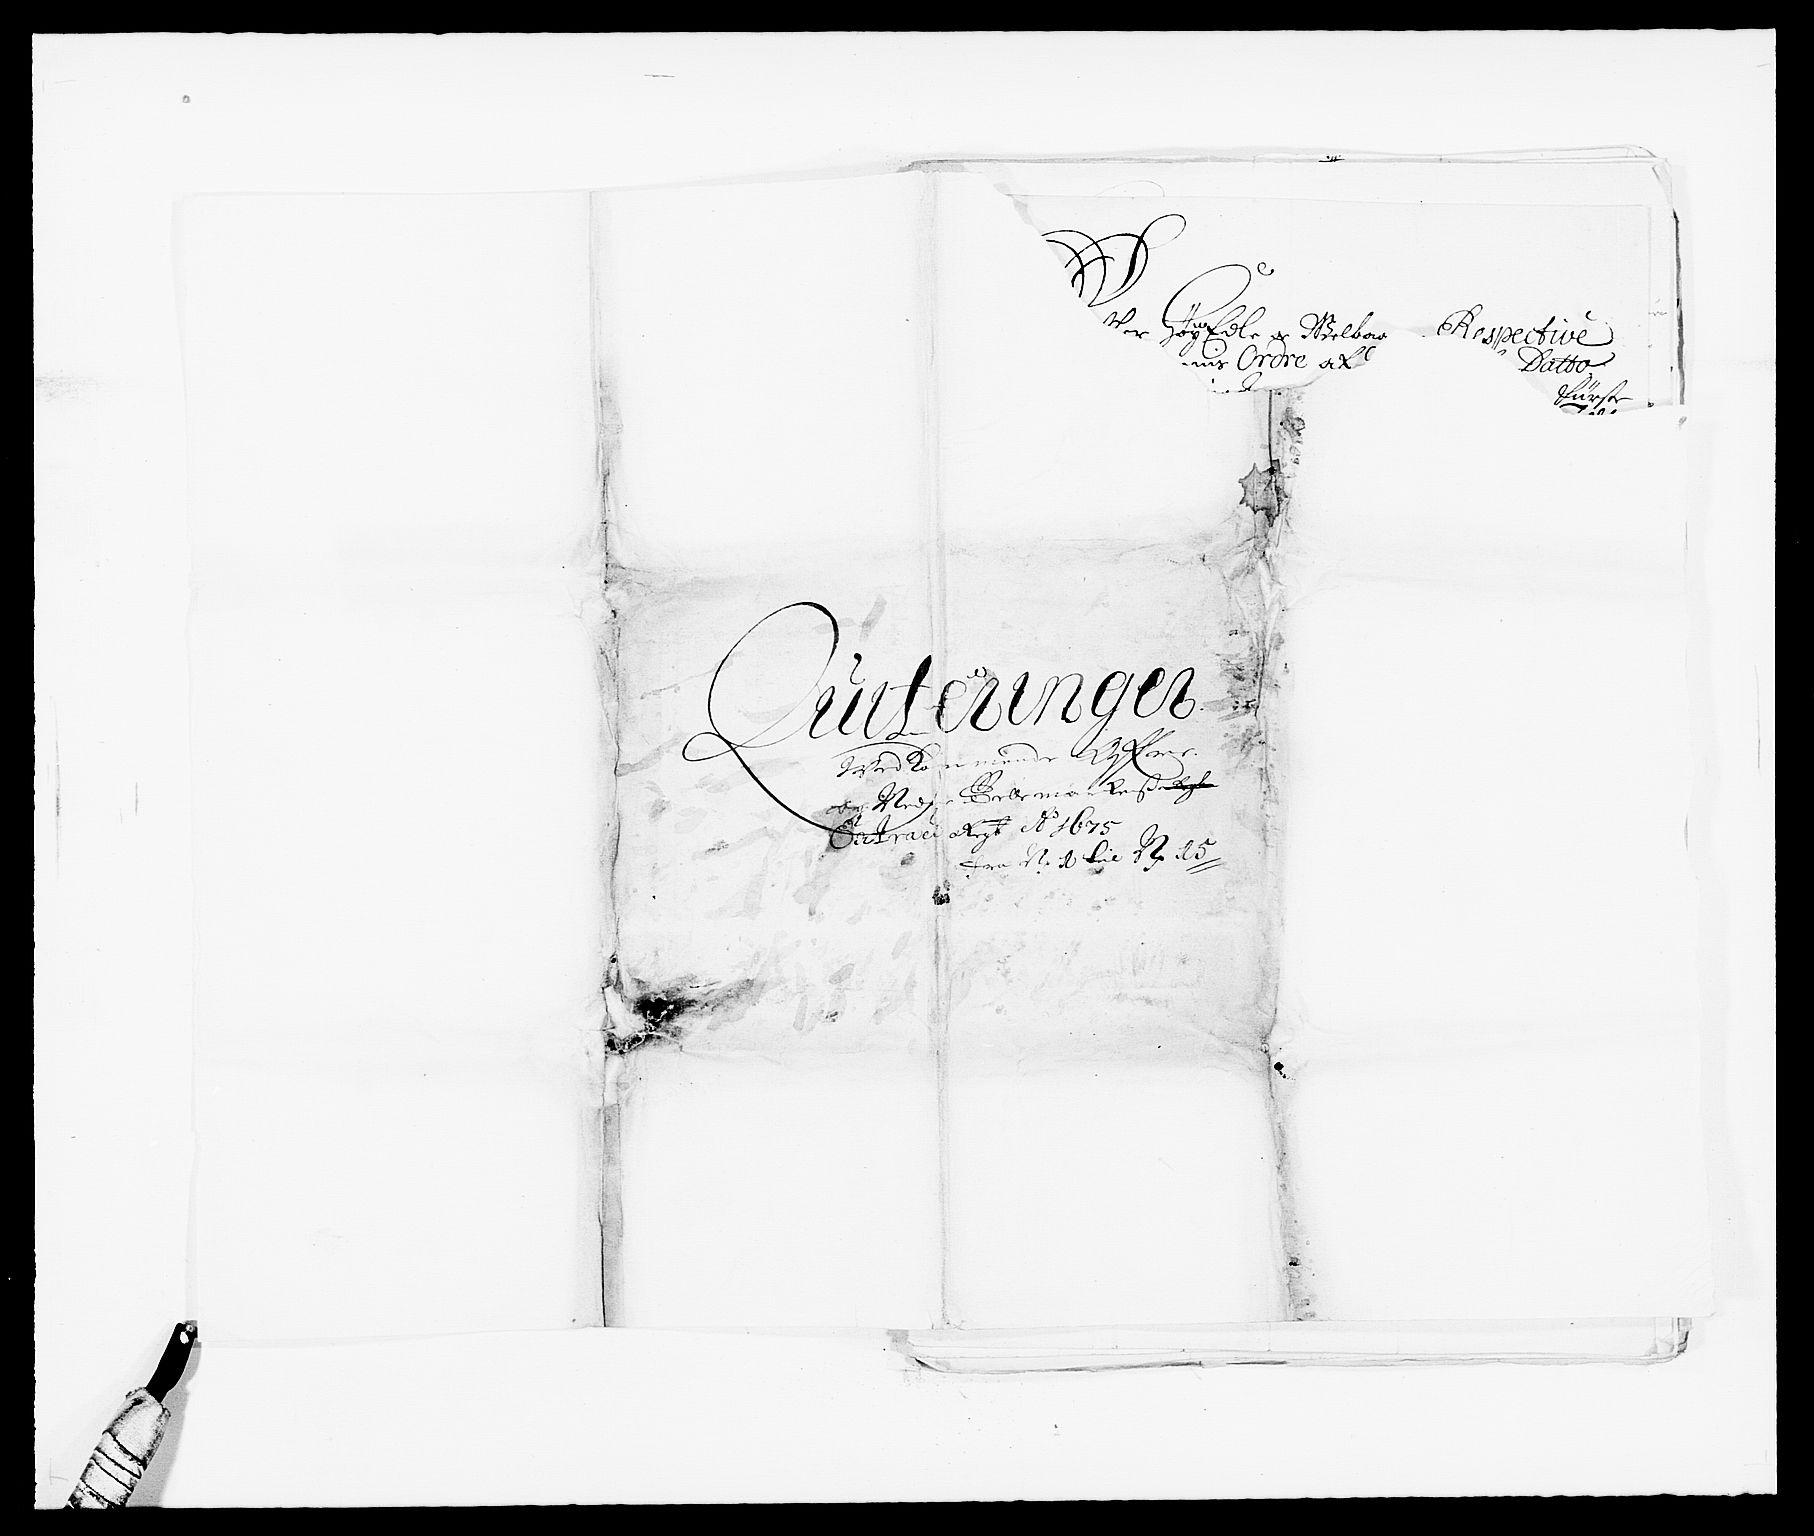 RA, Rentekammeret inntil 1814, Reviderte regnskaper, Fogderegnskap, R35/L2064: Fogderegnskap Øvre og Nedre Telemark, 1675, s. 197